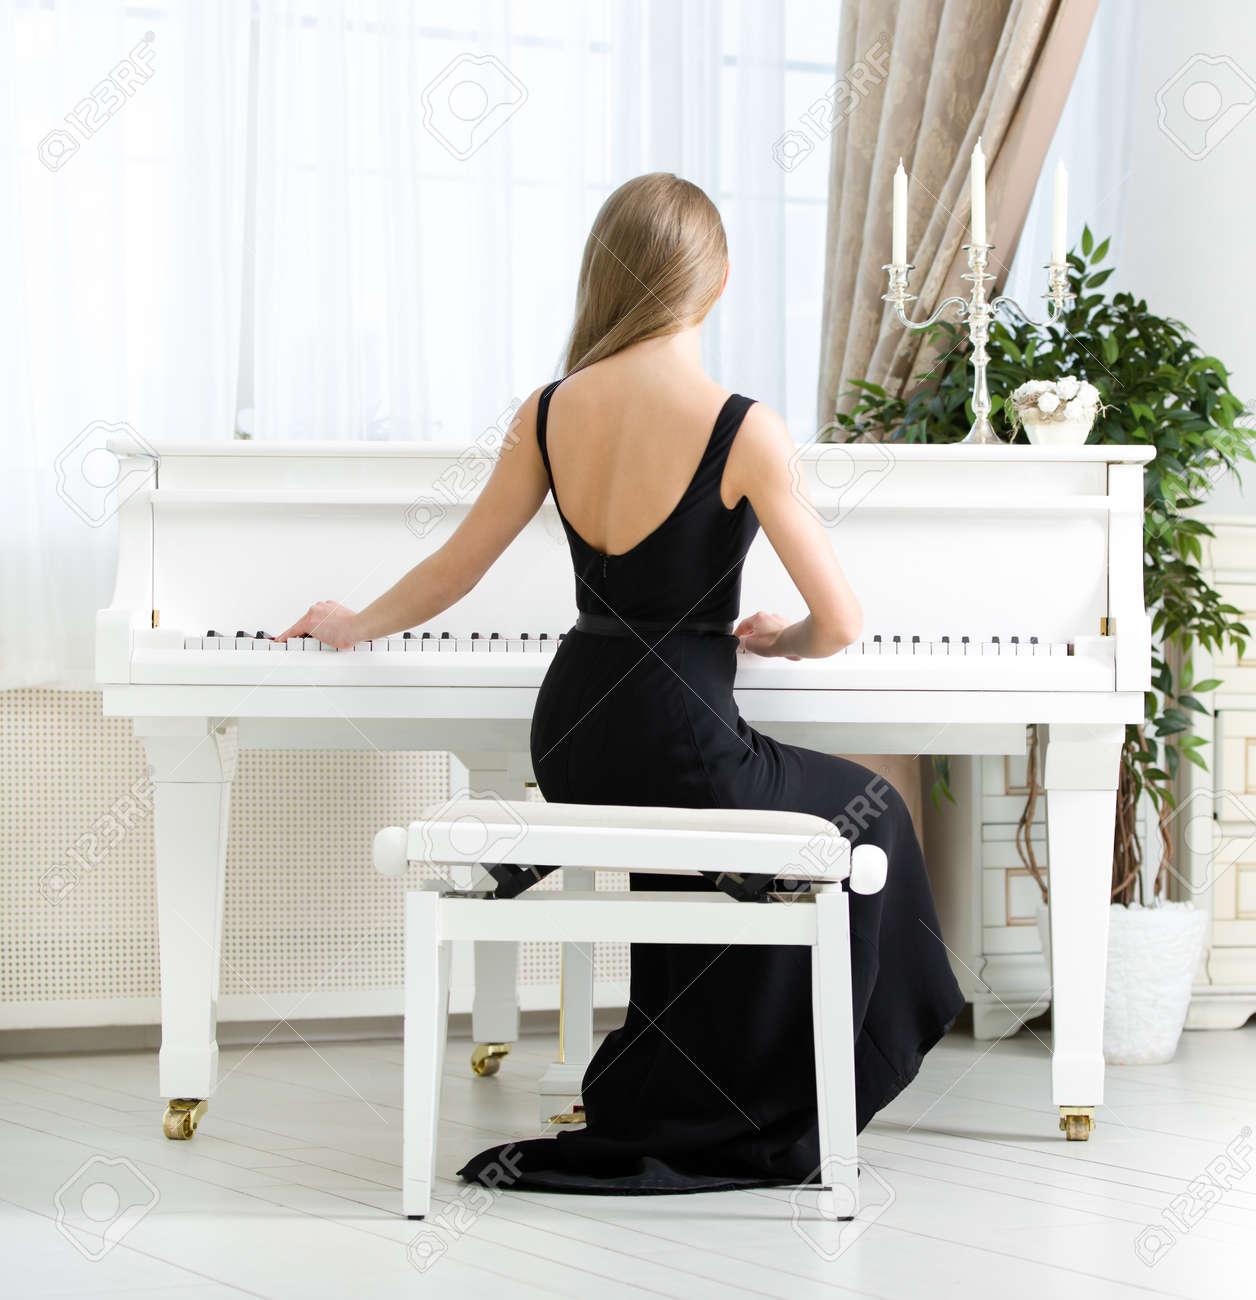 Resultado de imagen para mujeren vestido de fiesta  tocando el piano